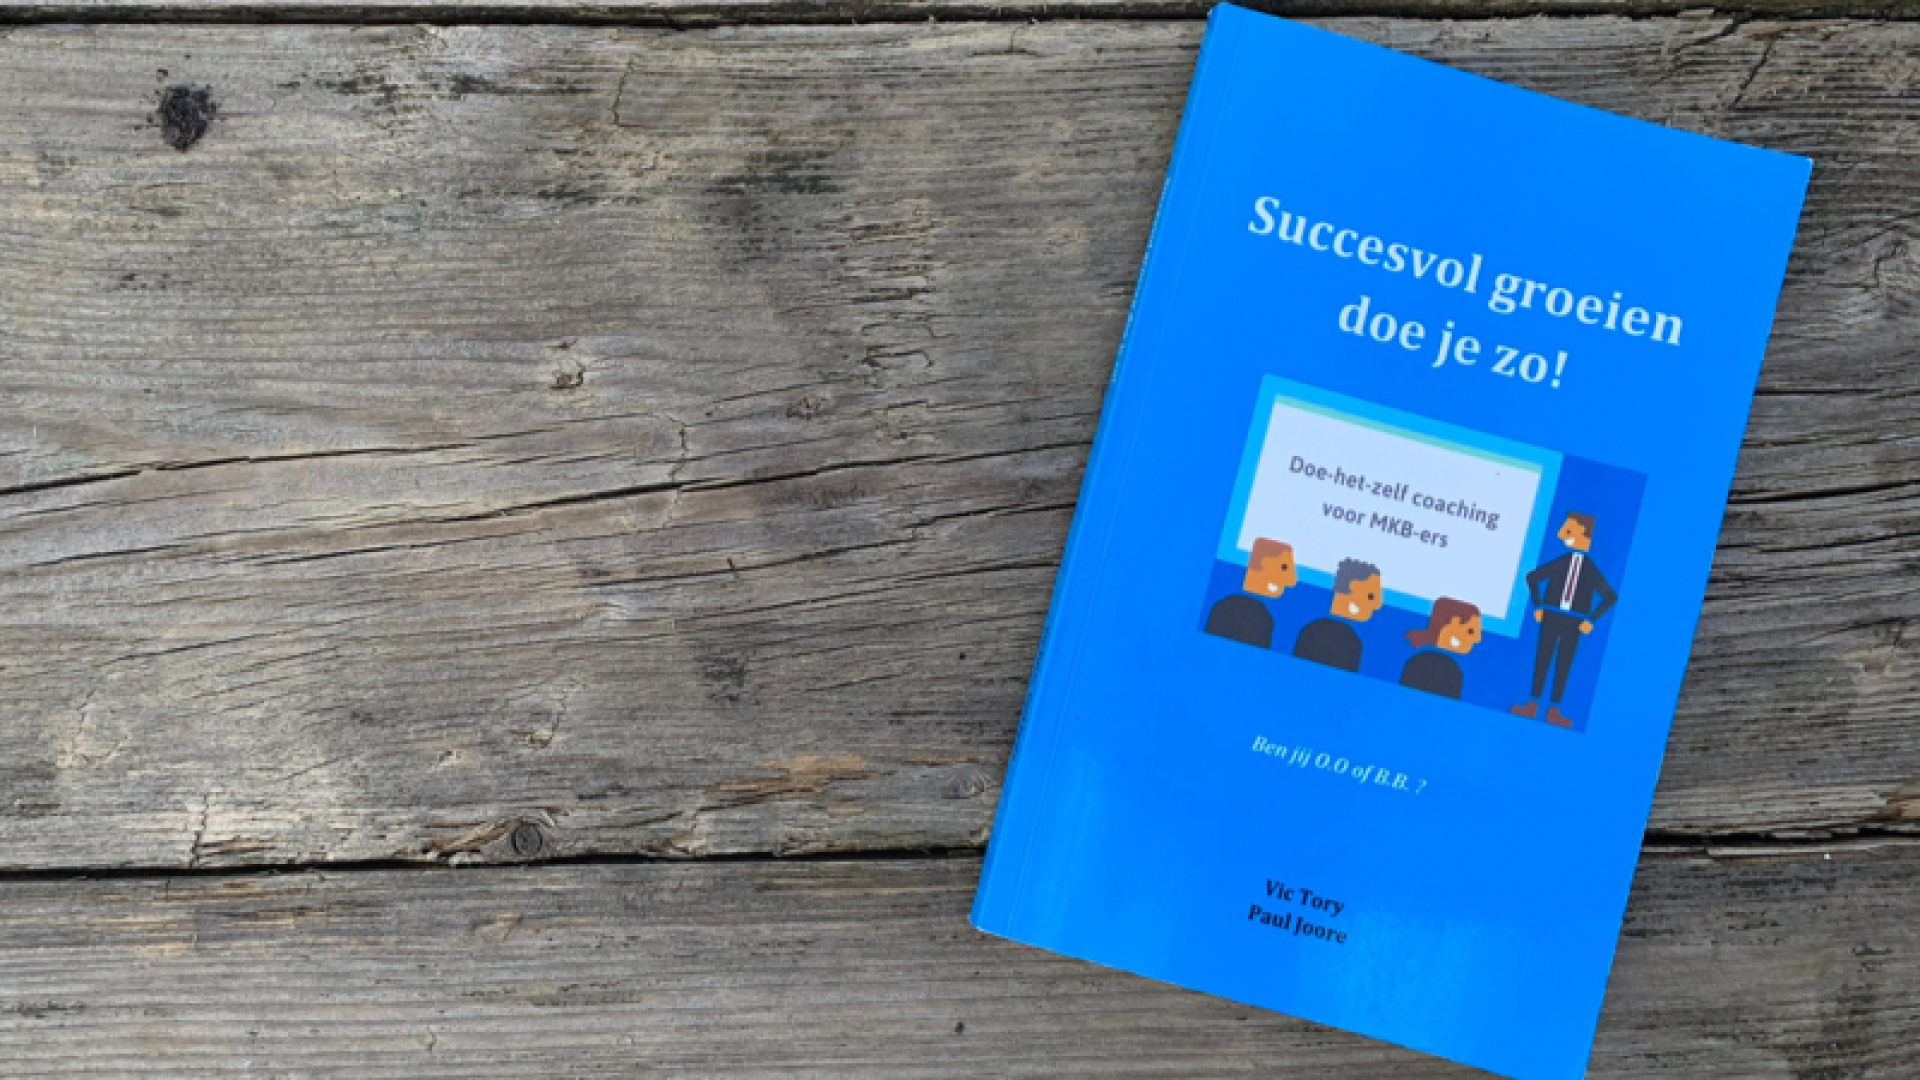 Succesvol groeien doe je zo! van Paul Joore voor MKB ondernemers die grip willen hebben op het realiseren van hun ambitie